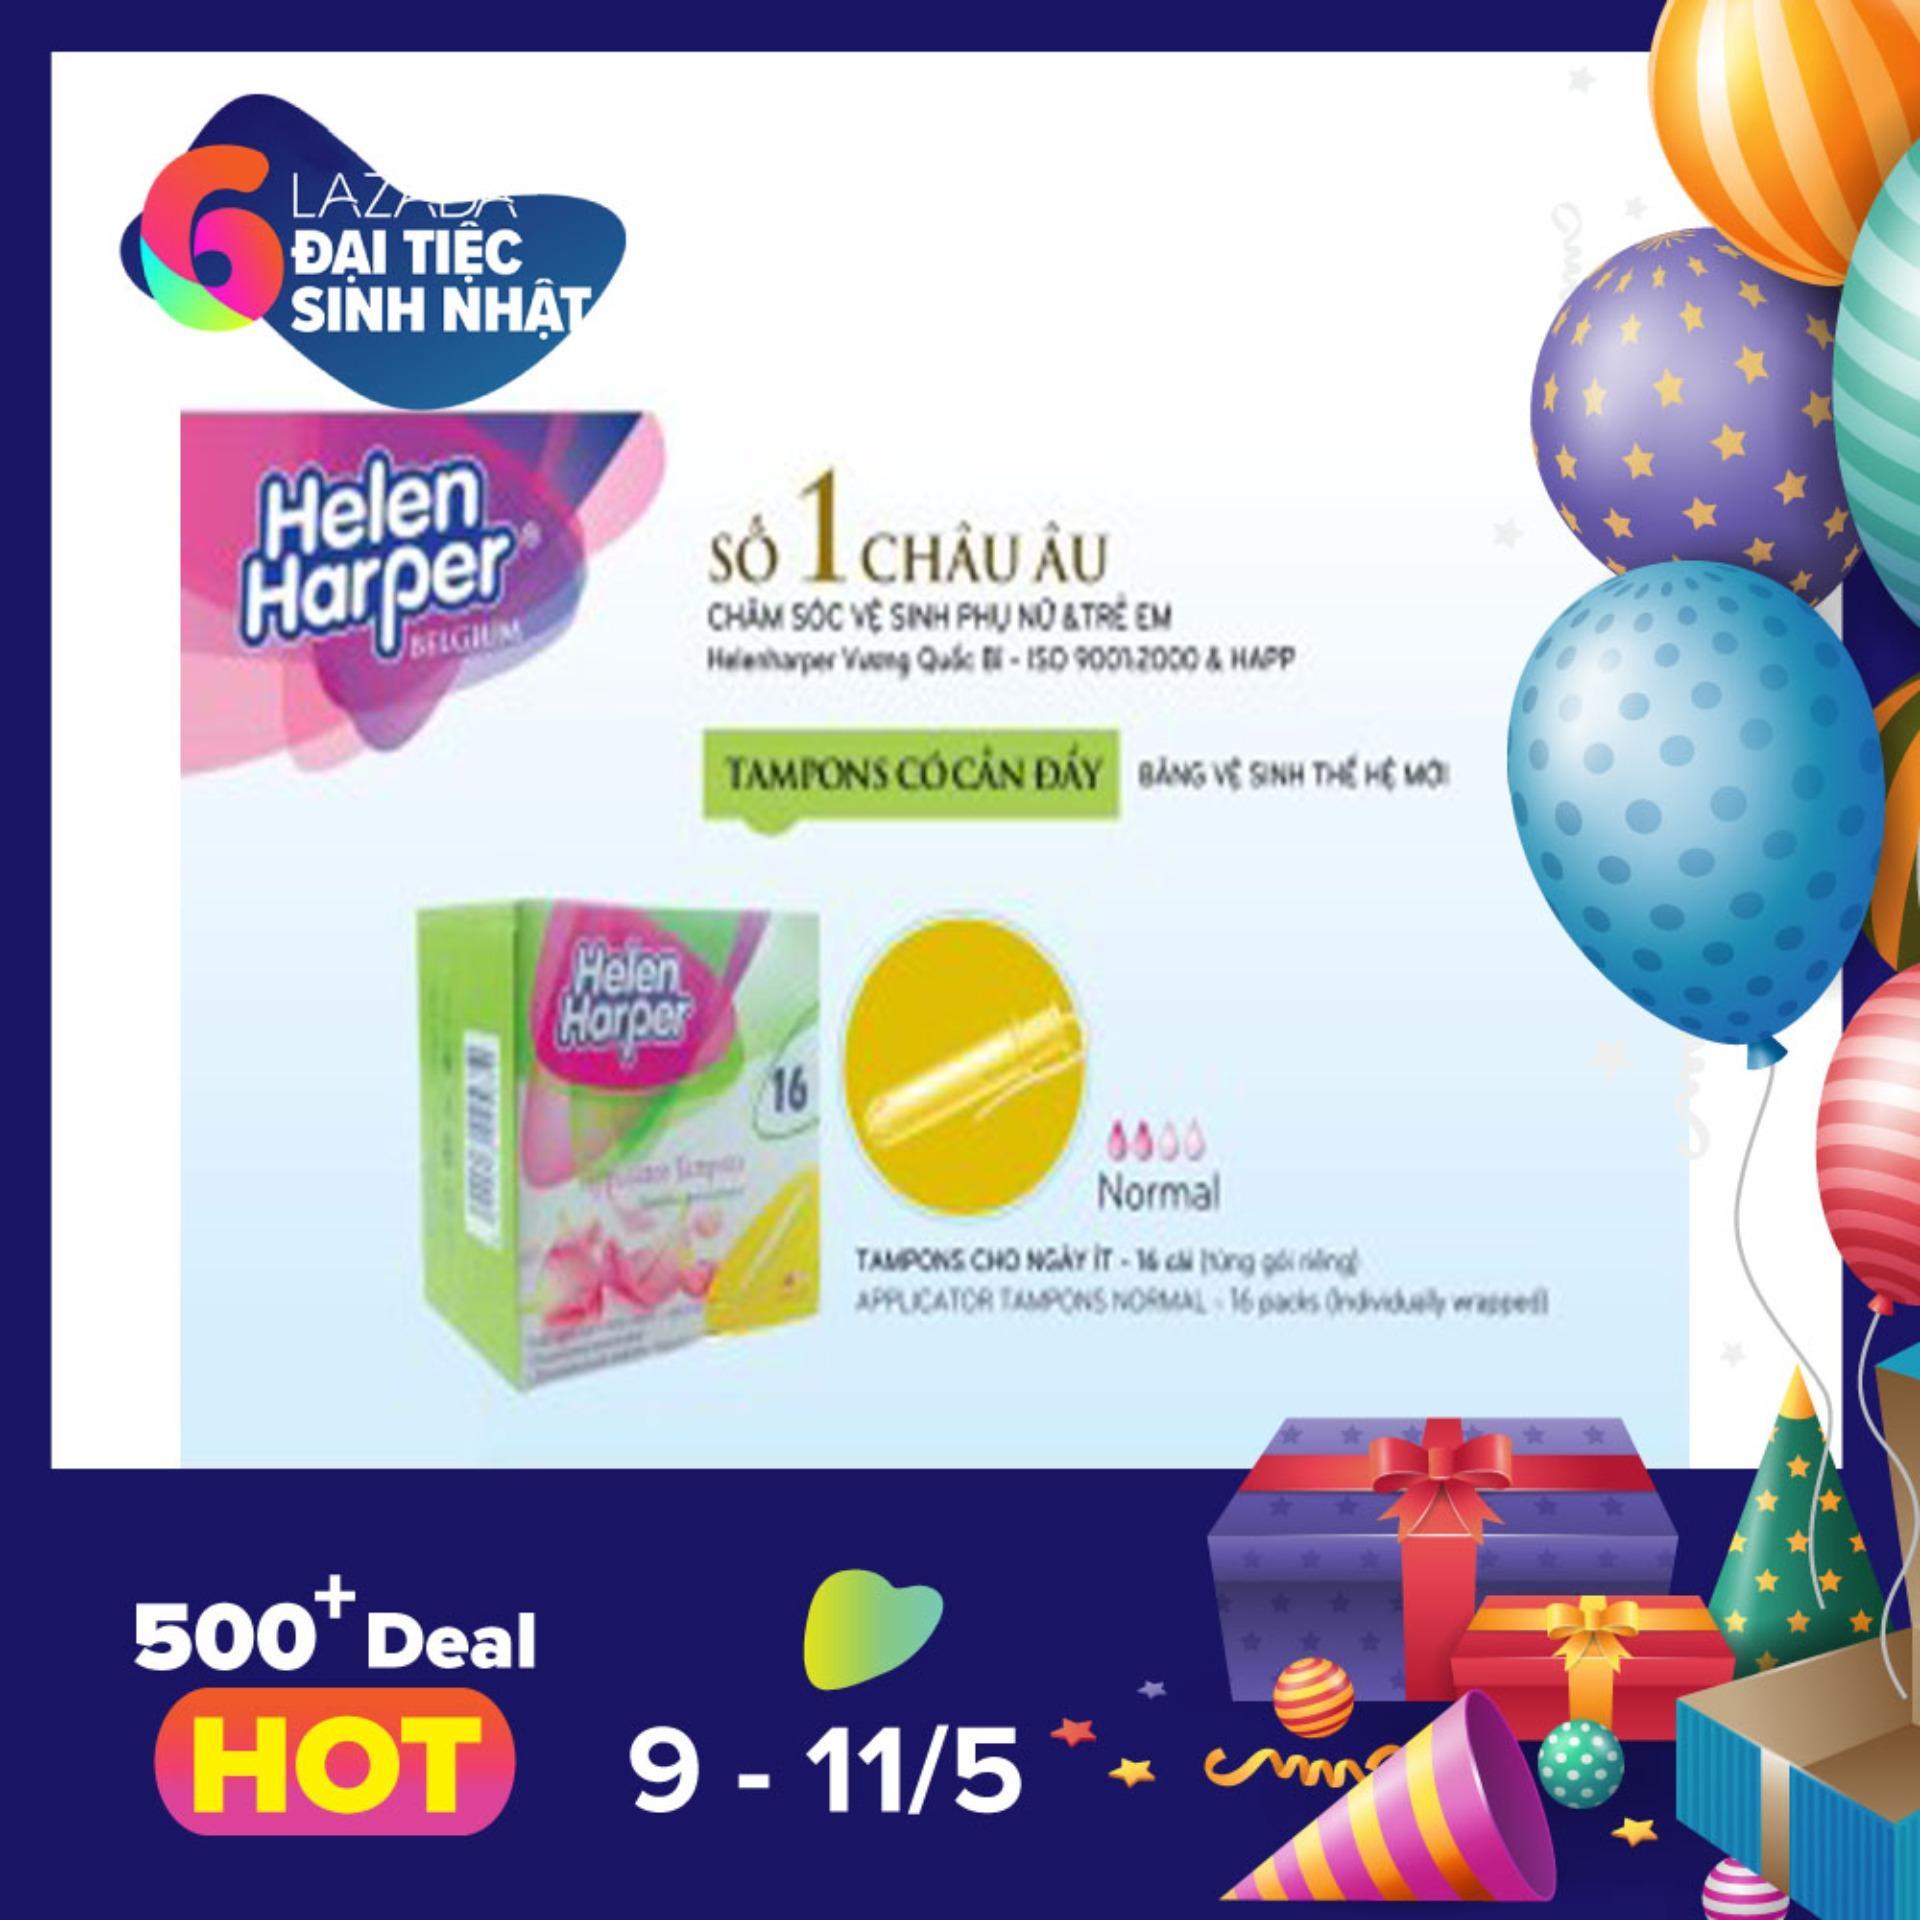 Bán Bộ 2 Băng Vệ Sinh Helen Harper Tampon Normal Appl 16 Miếng Goi Co Cần Đẩy Nhập Khẩu Từ Bỉ 32 Miếng Nhập Khẩu